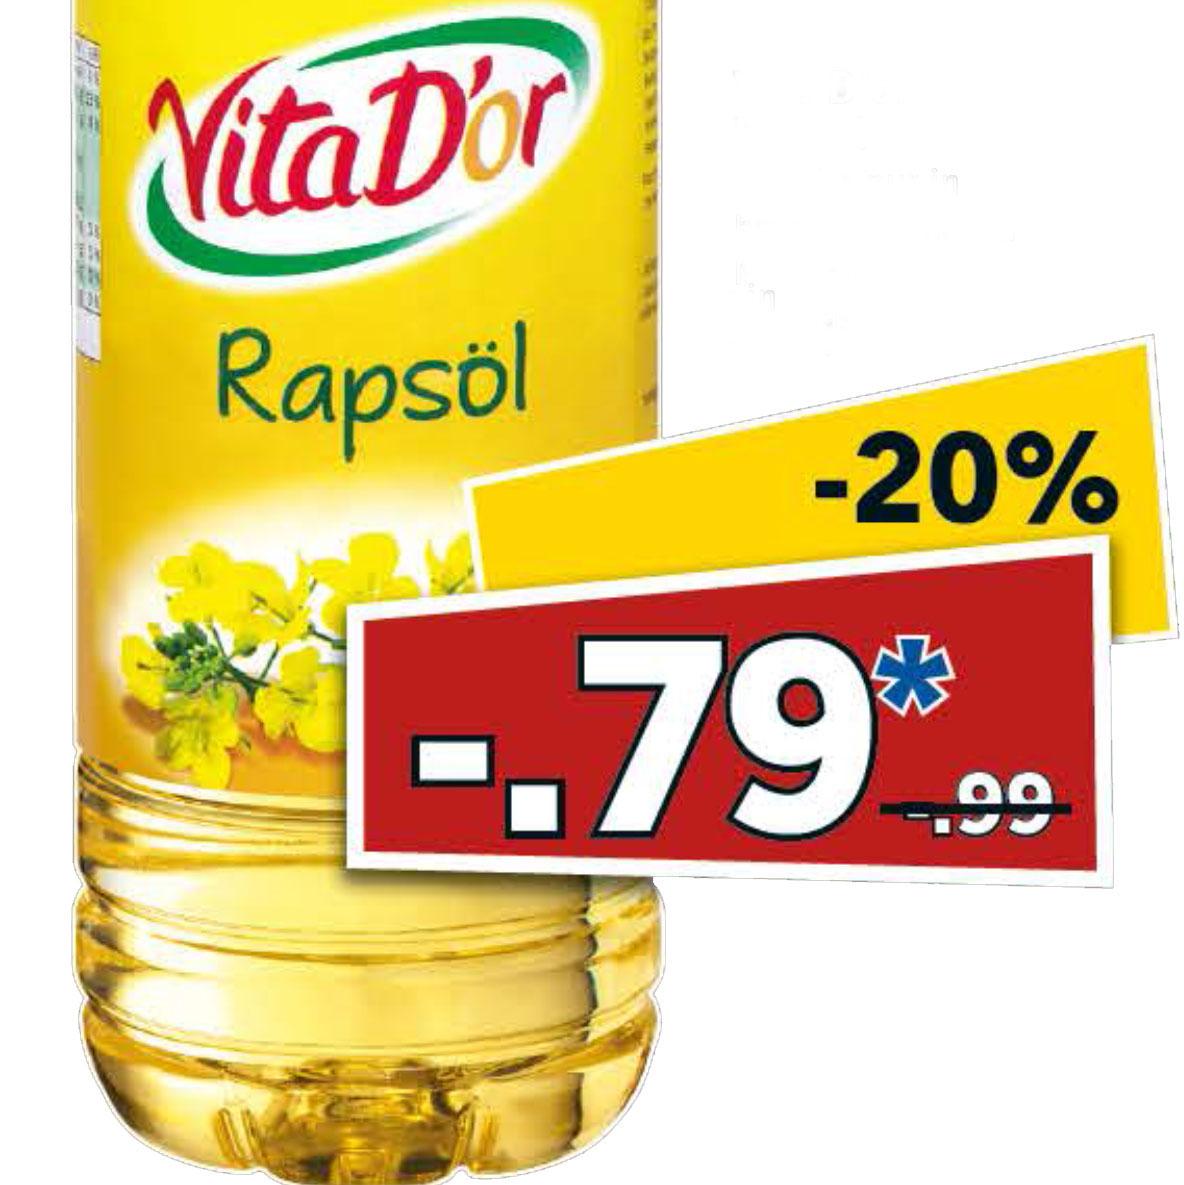 Rapsöl 1 Liter am Samstag für nur 79 Cent bei [Lidl]